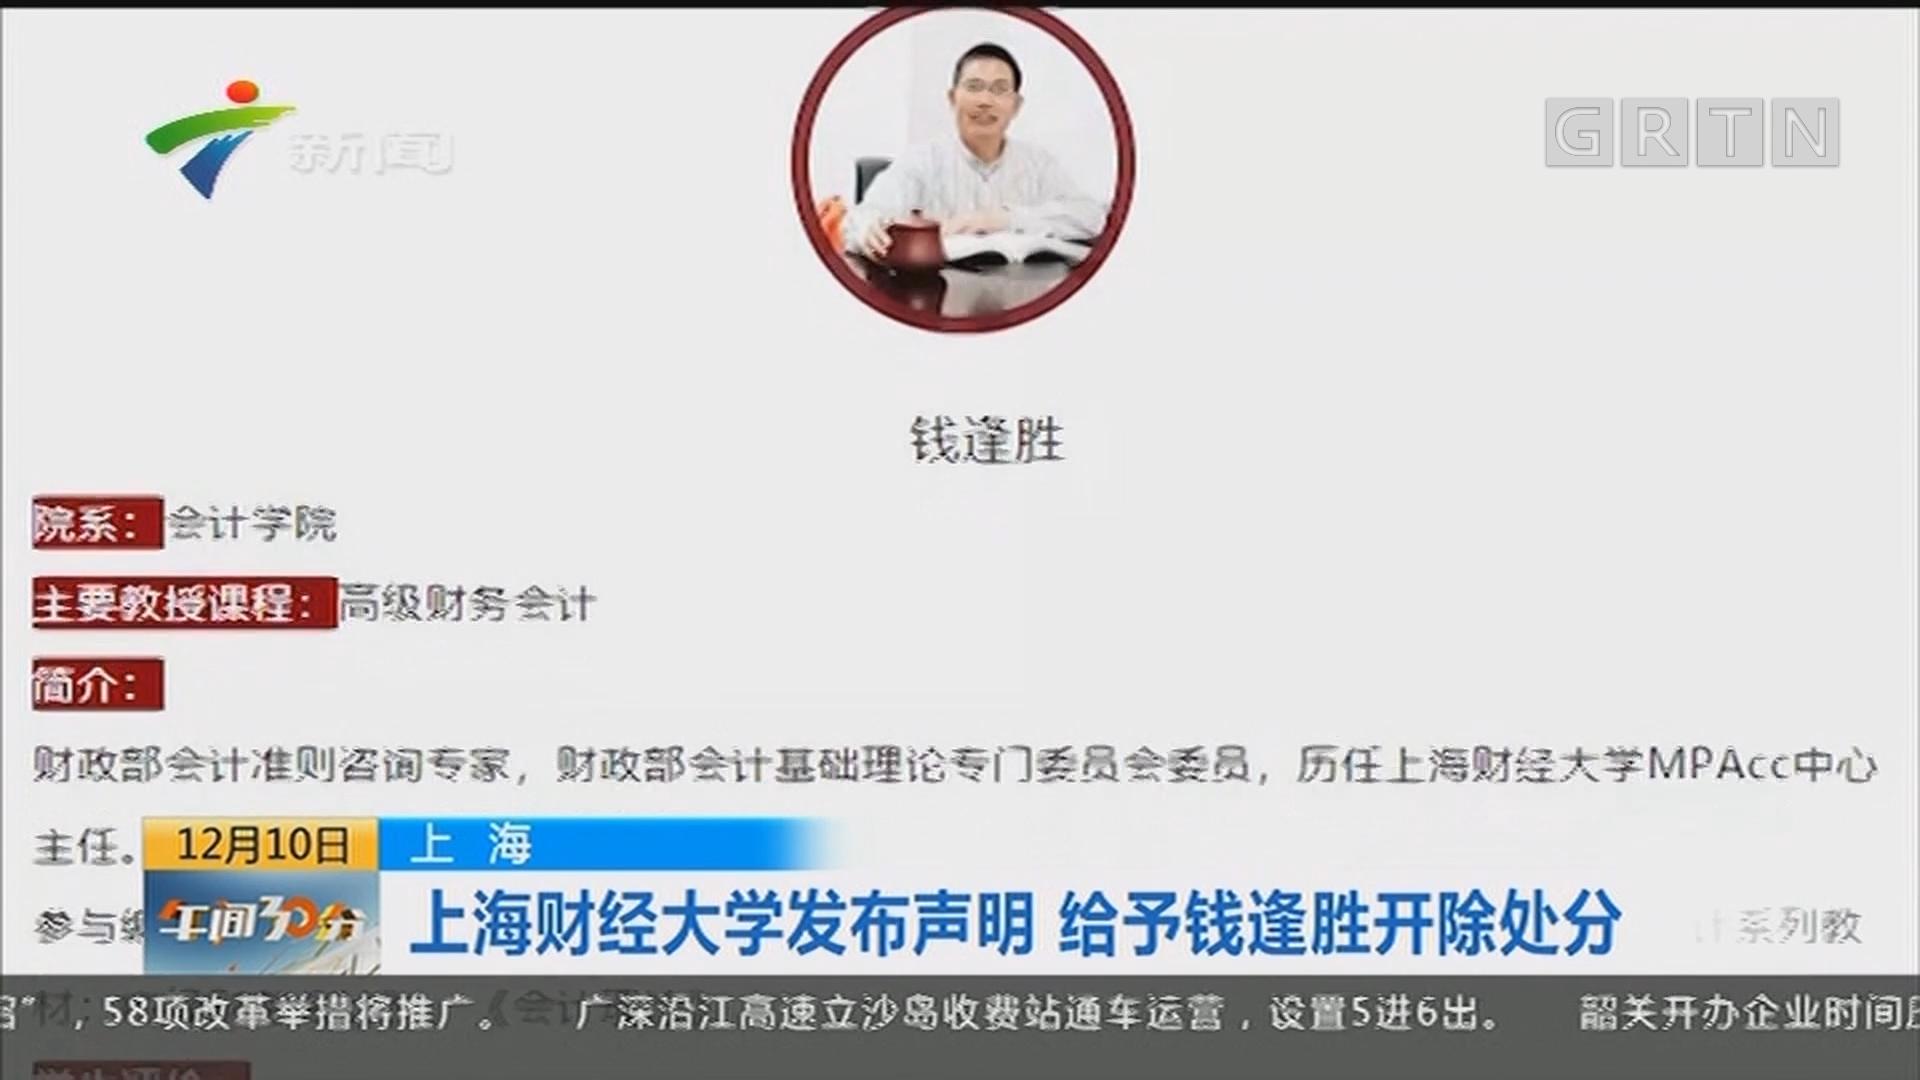 上海:上海财经大学发布声明 给予钱逢胜开除处分